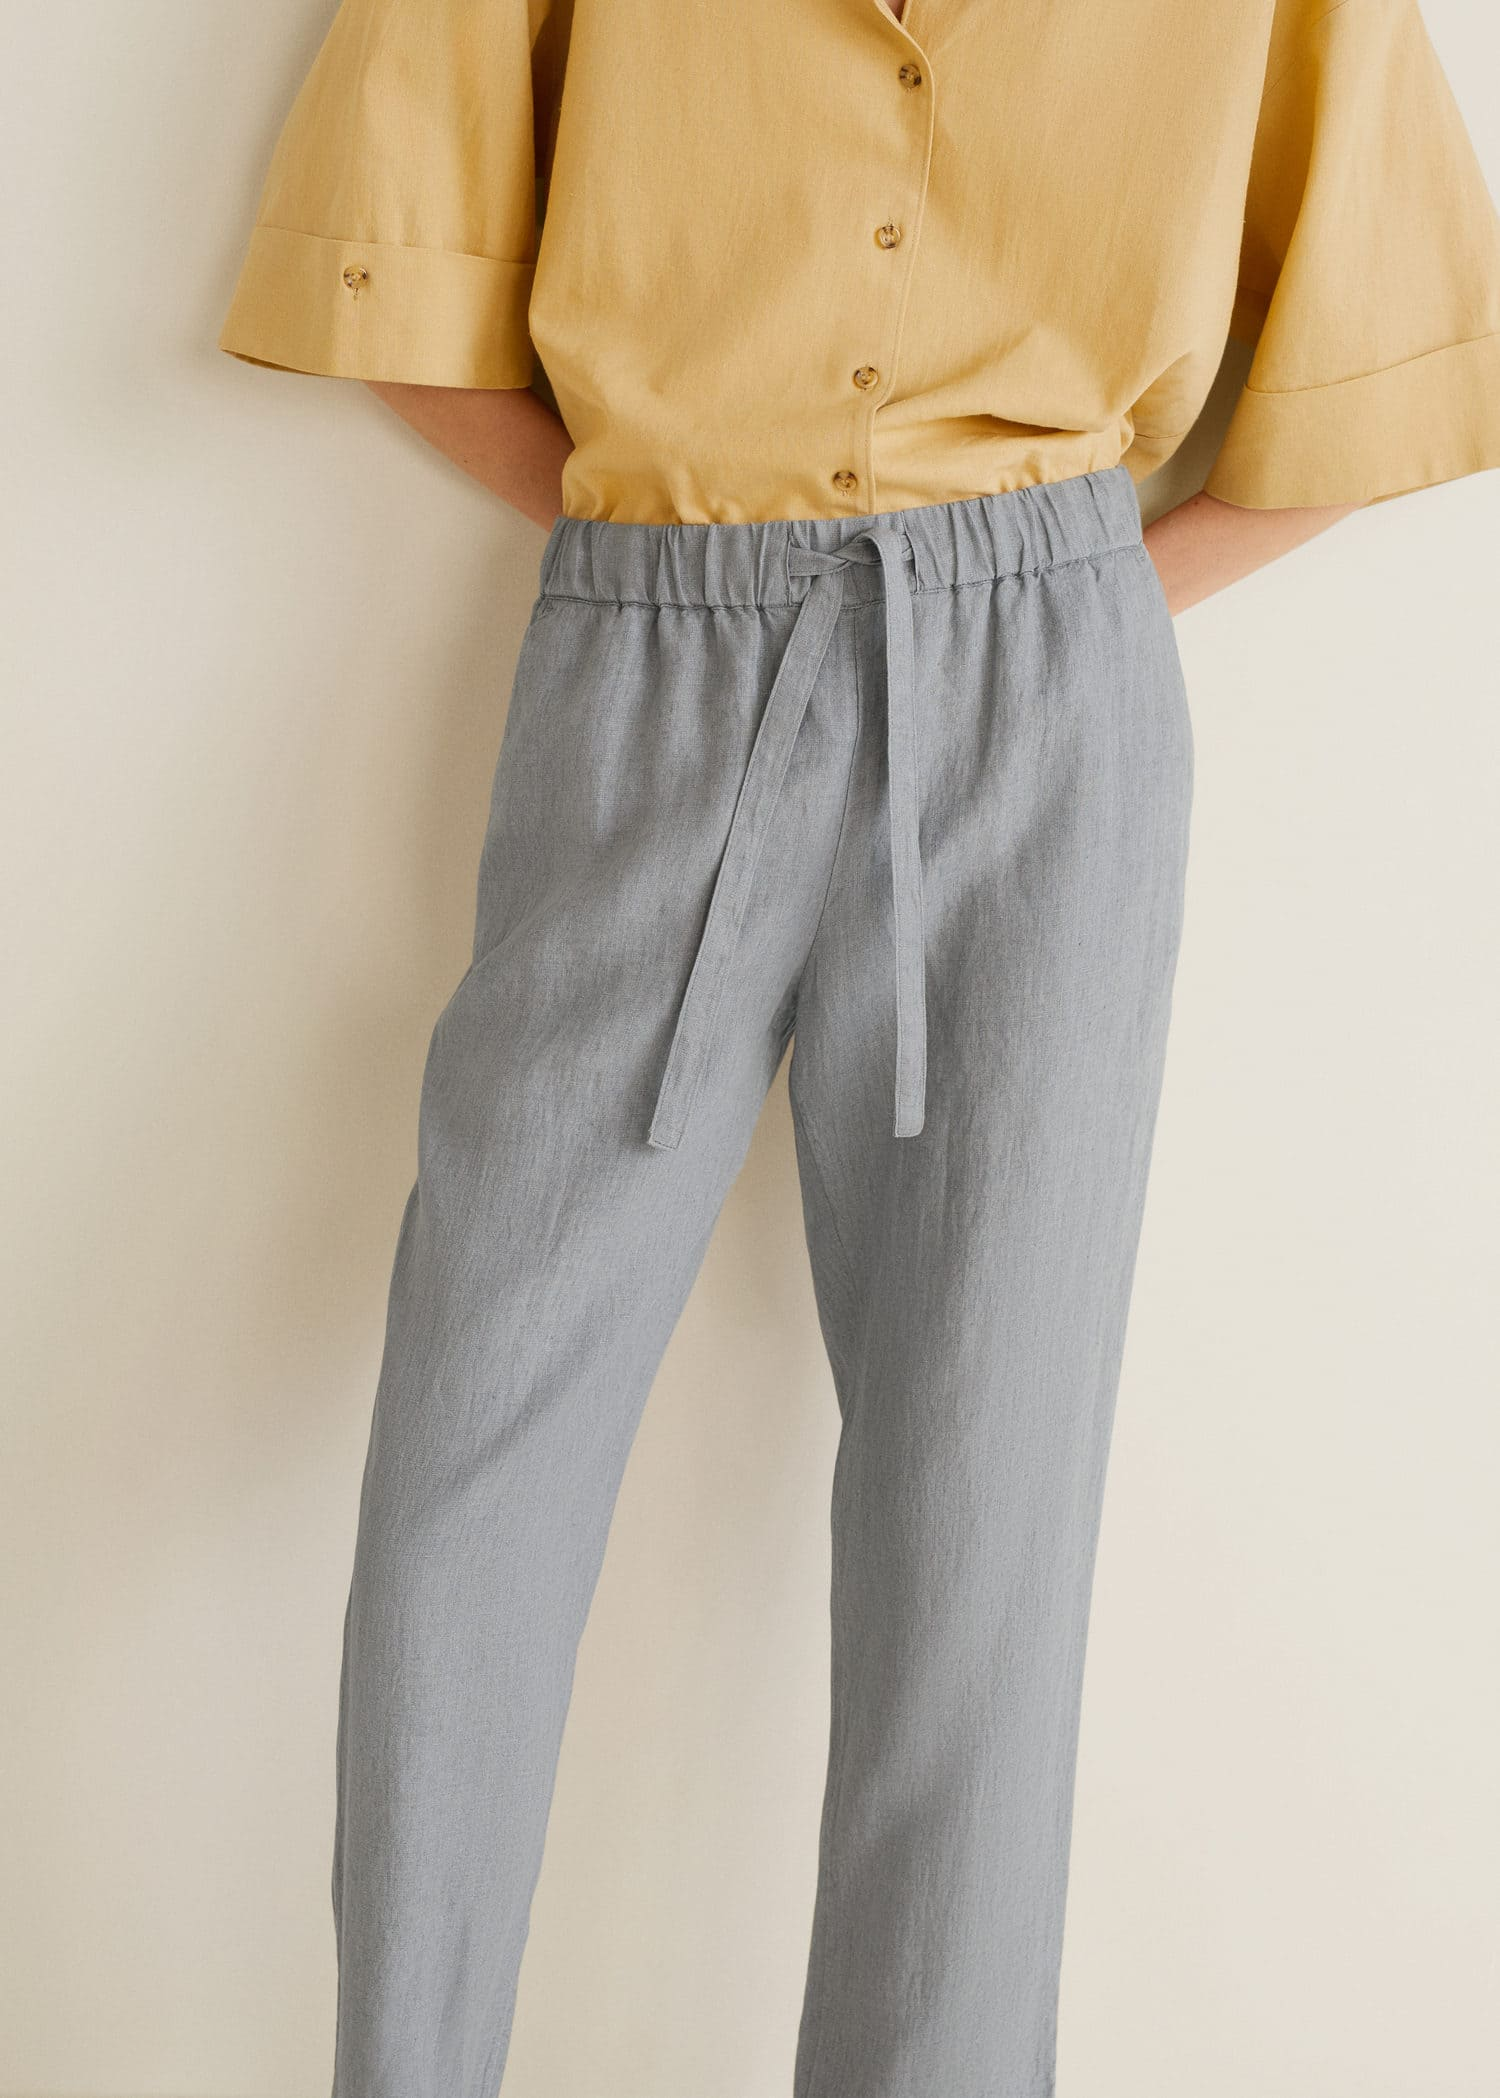 0e08dc48b92bd Mango Düz kesim keten pantolon 1 Mango Düz kesim keten pantolon 3 ...